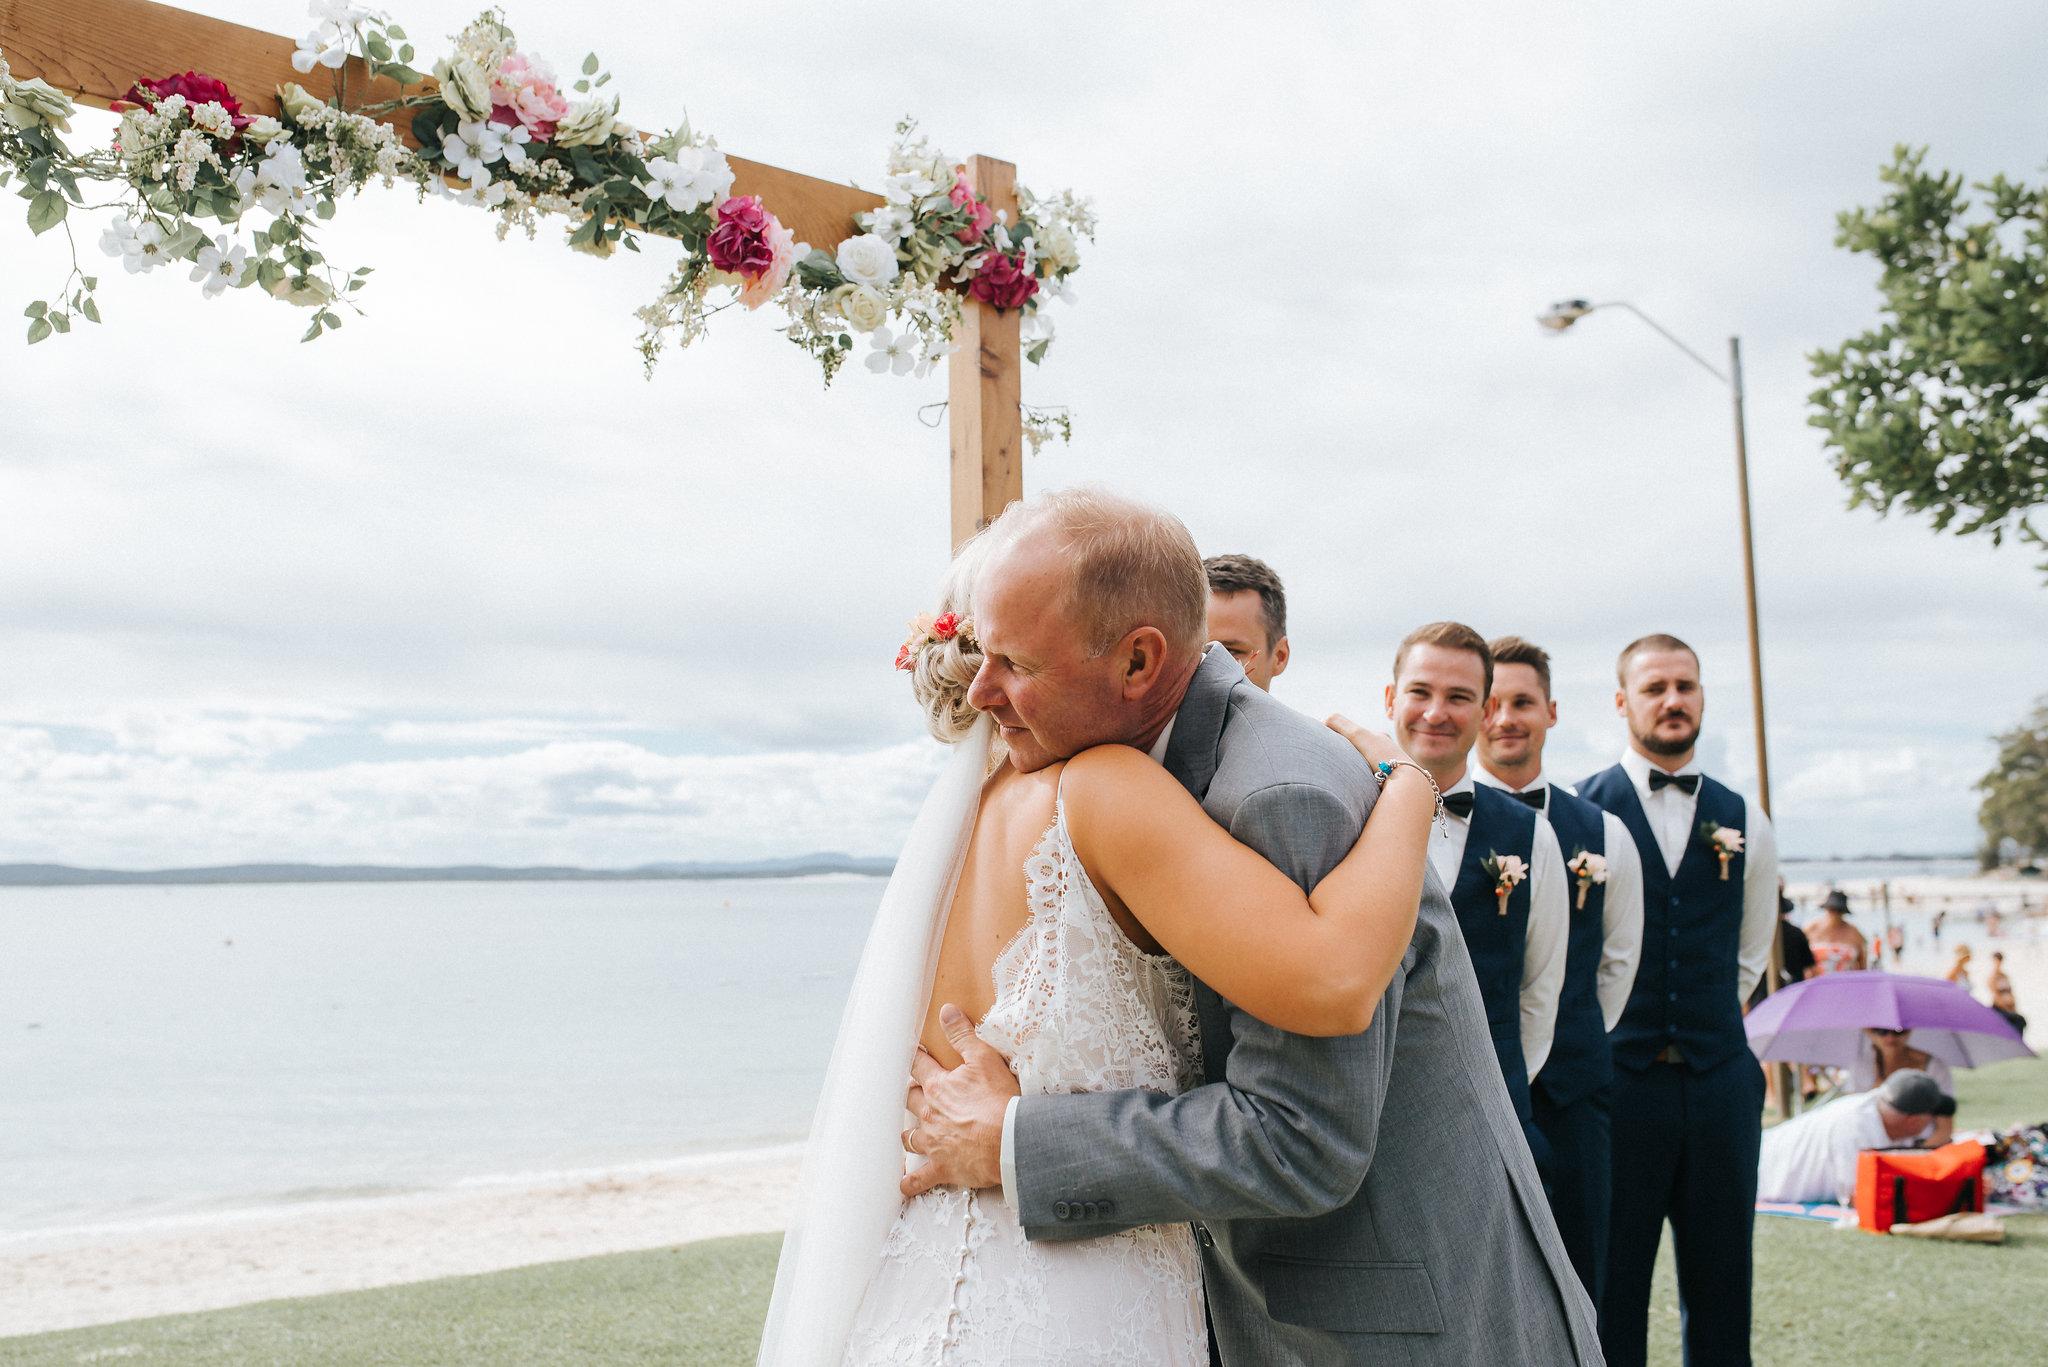 LITTLE-BEACH-WEDDING-MARCHANT-373.jpg